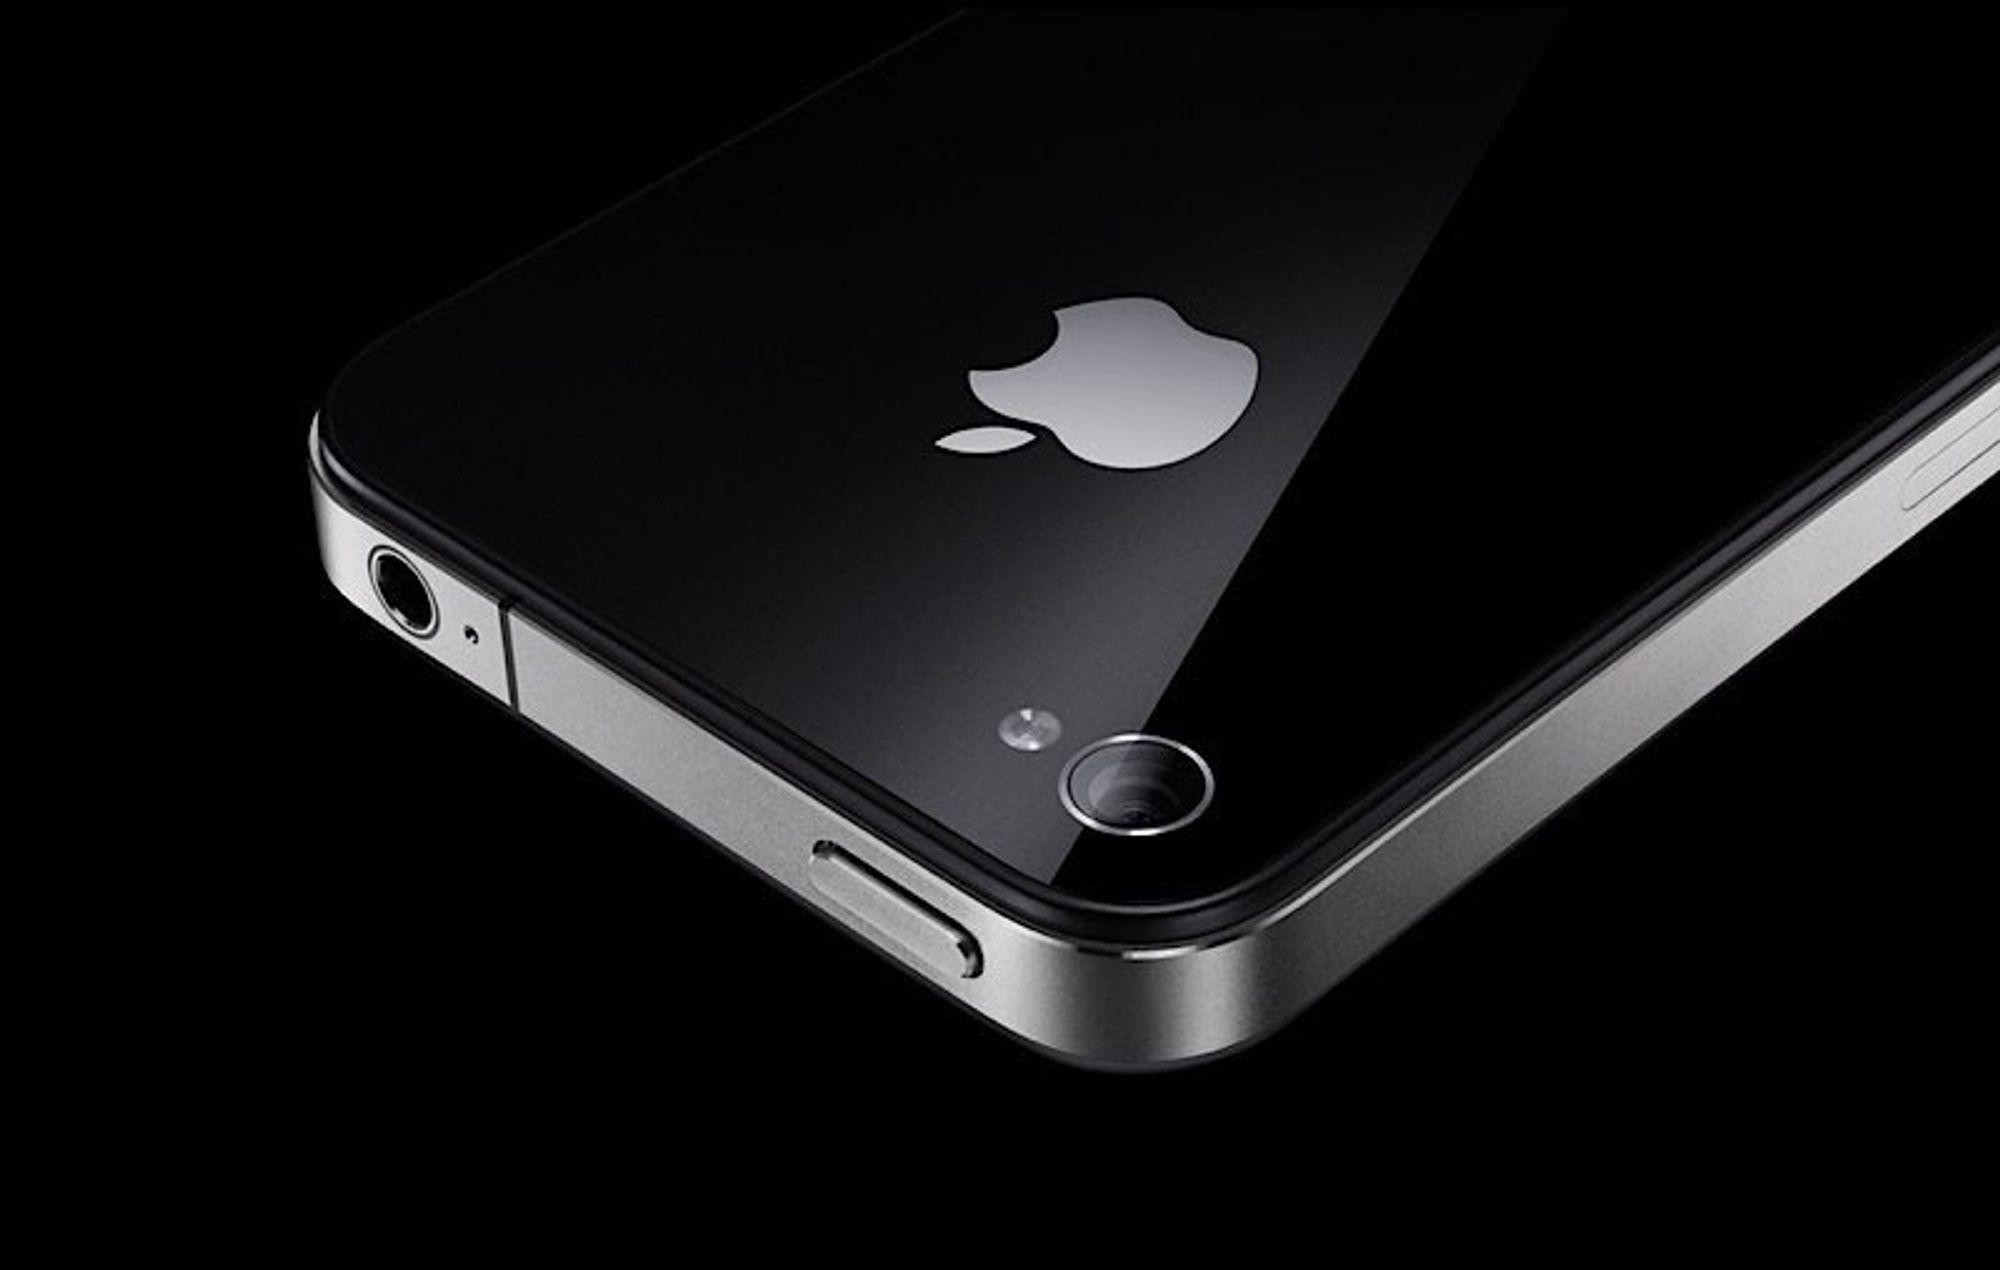 Har din iPhone 4 sprukket?